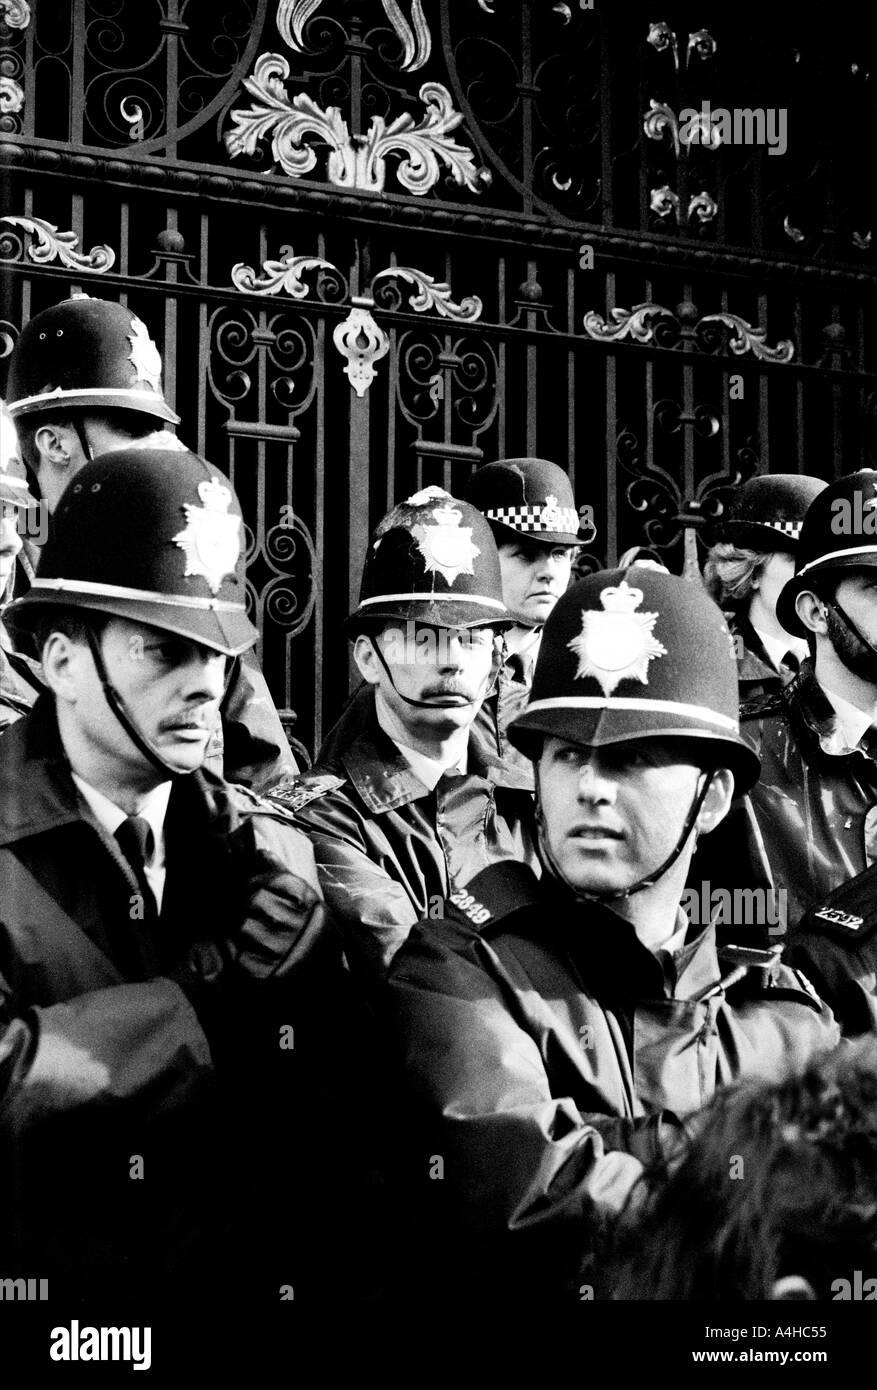 De monochrome un groupe de policiers protégeant Sheffield City Hall au cours de l'impôt 1990 émeutes leur uniforme = souillé Banque D'Images